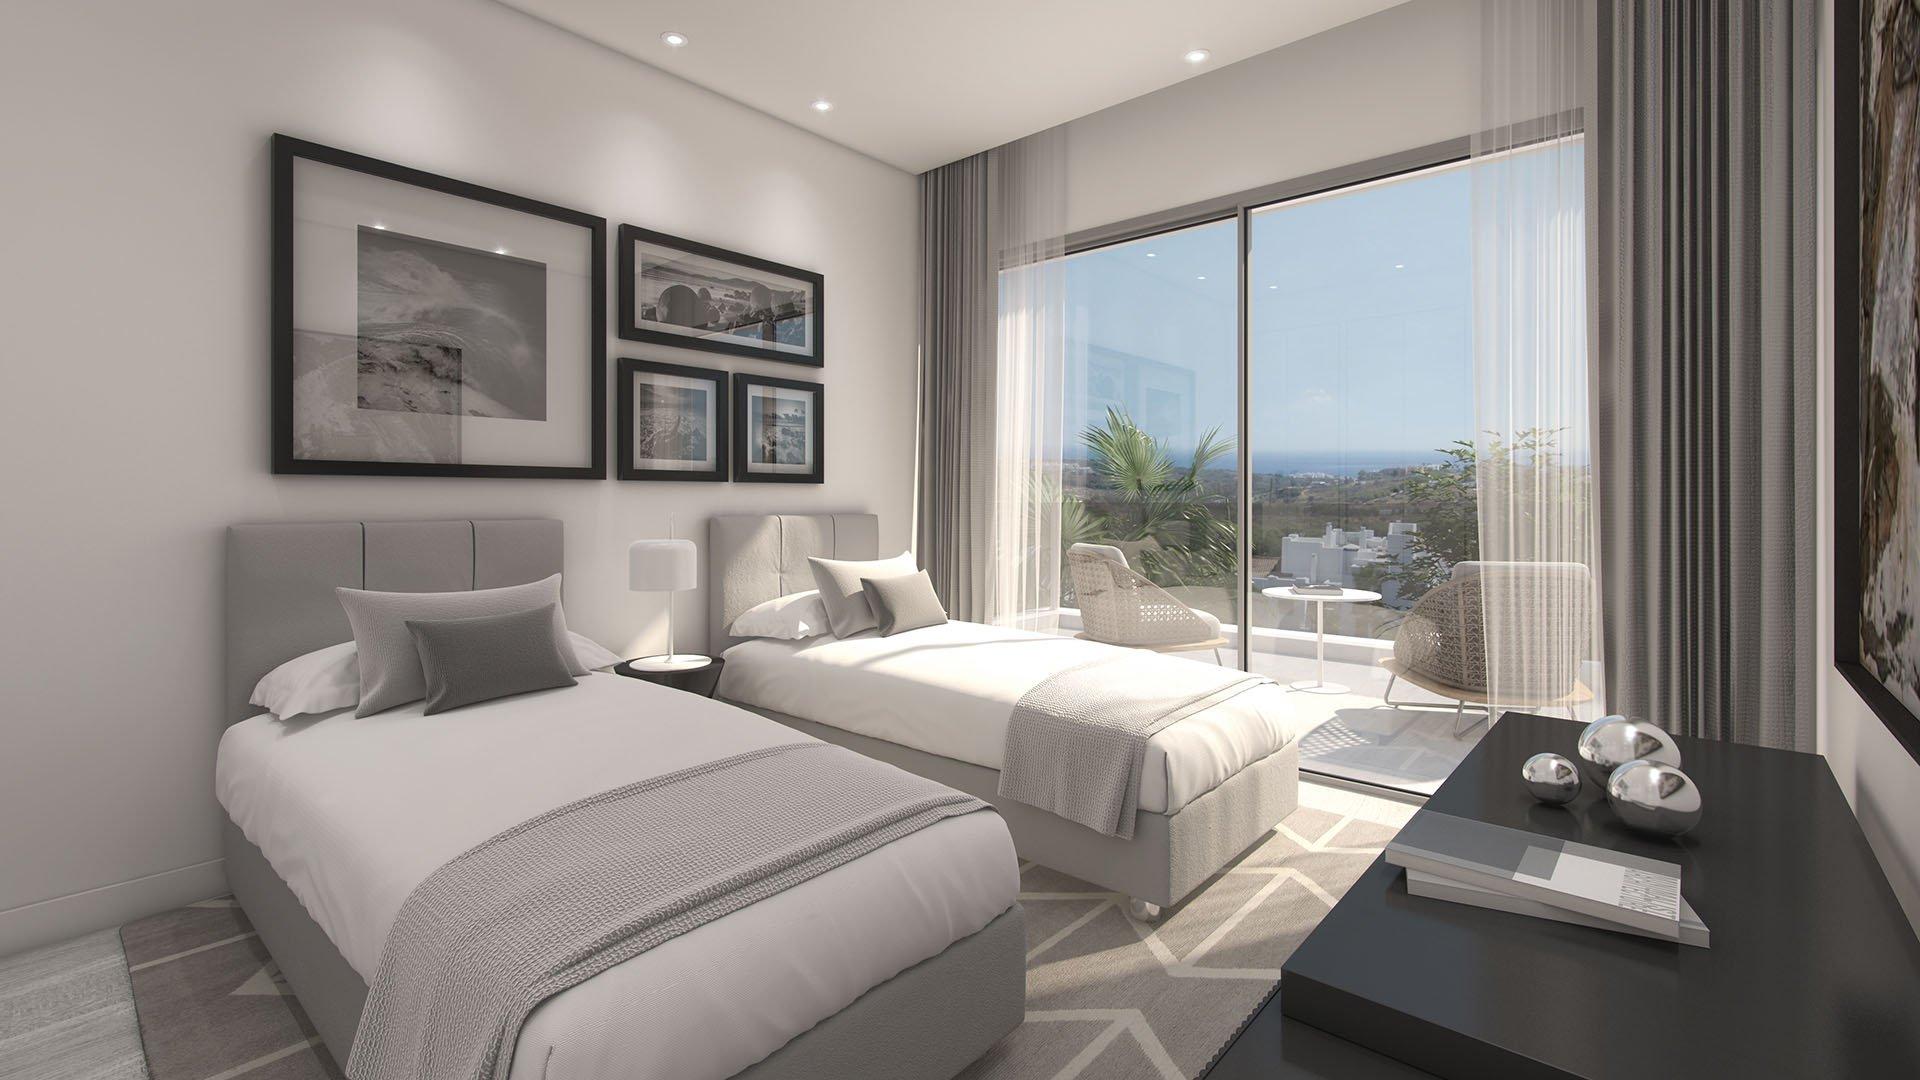 Alcazaba Lagoon: Mediterrane appartementen in een paradijselijke omgeving